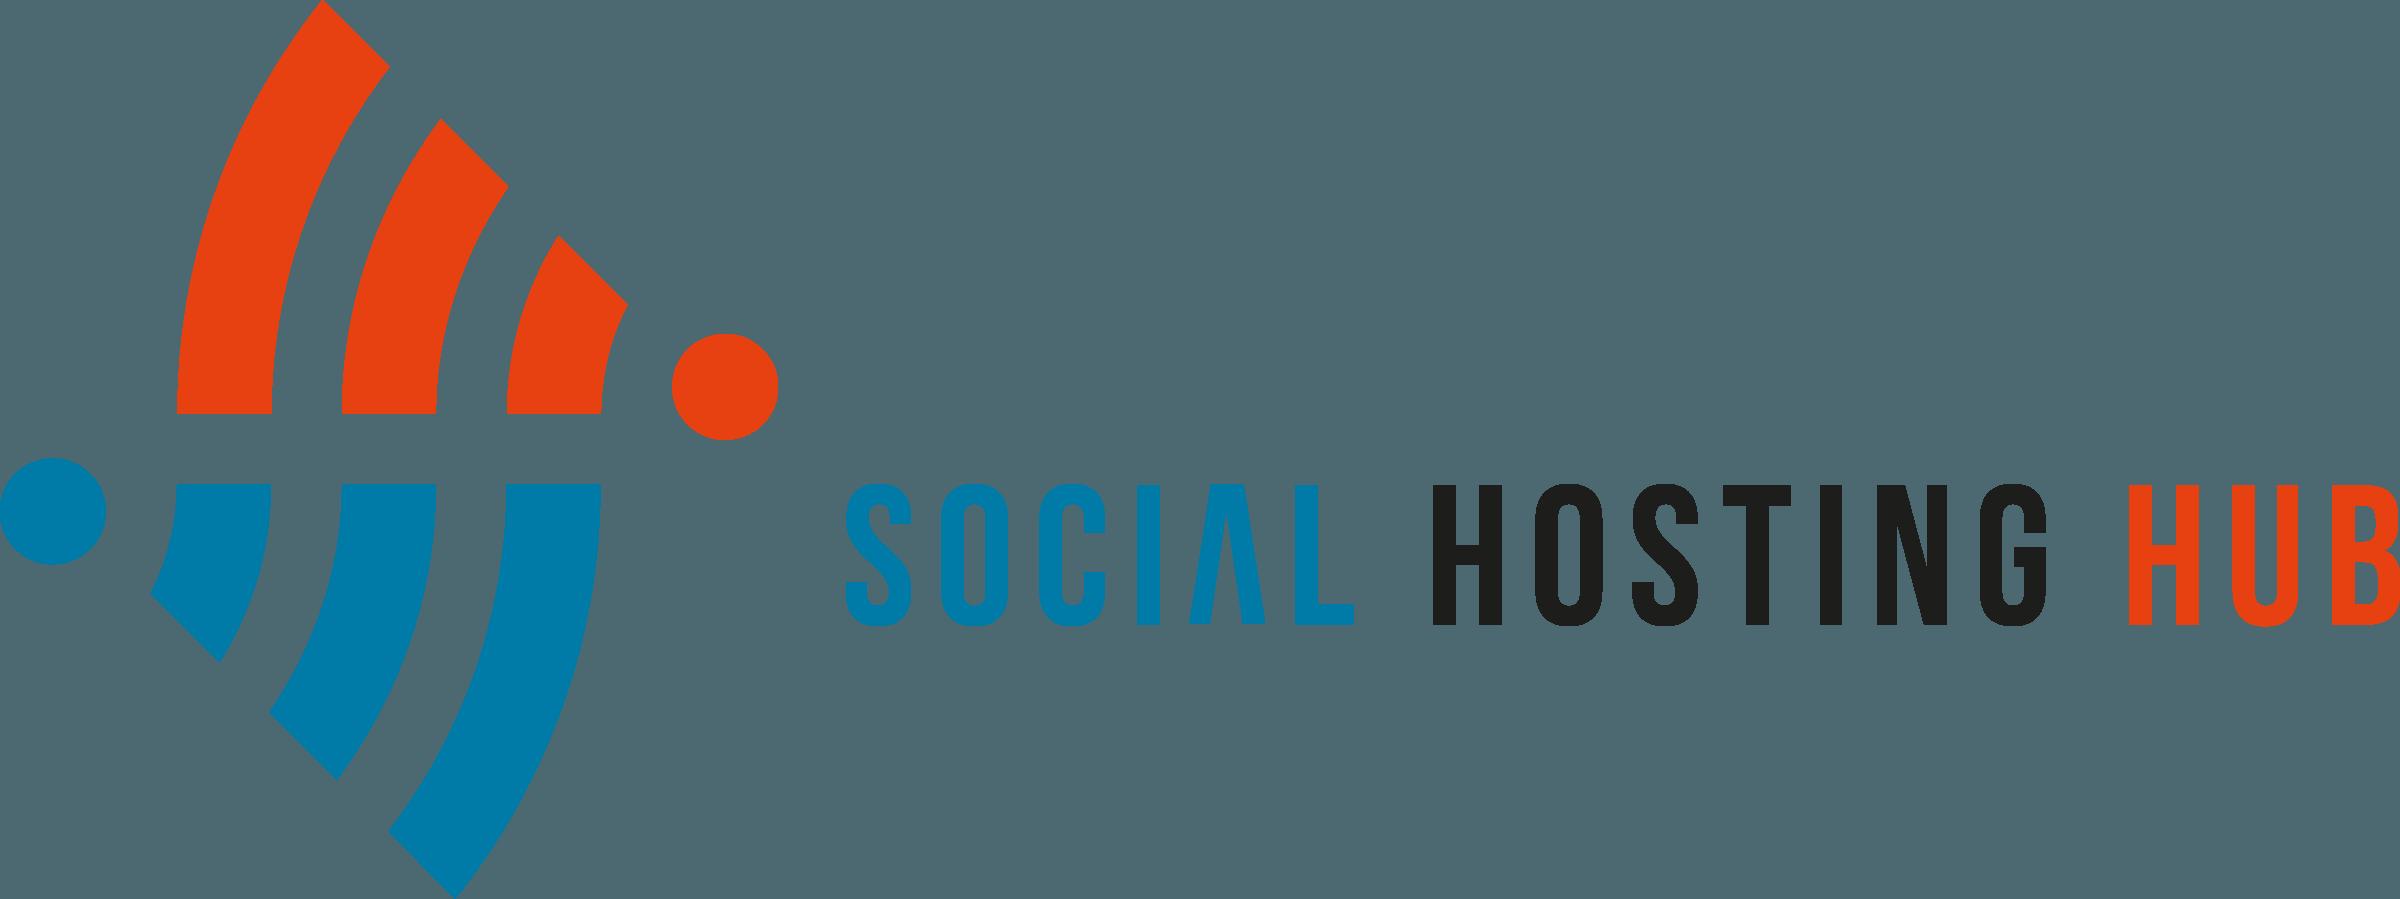 Social Hosting Hub